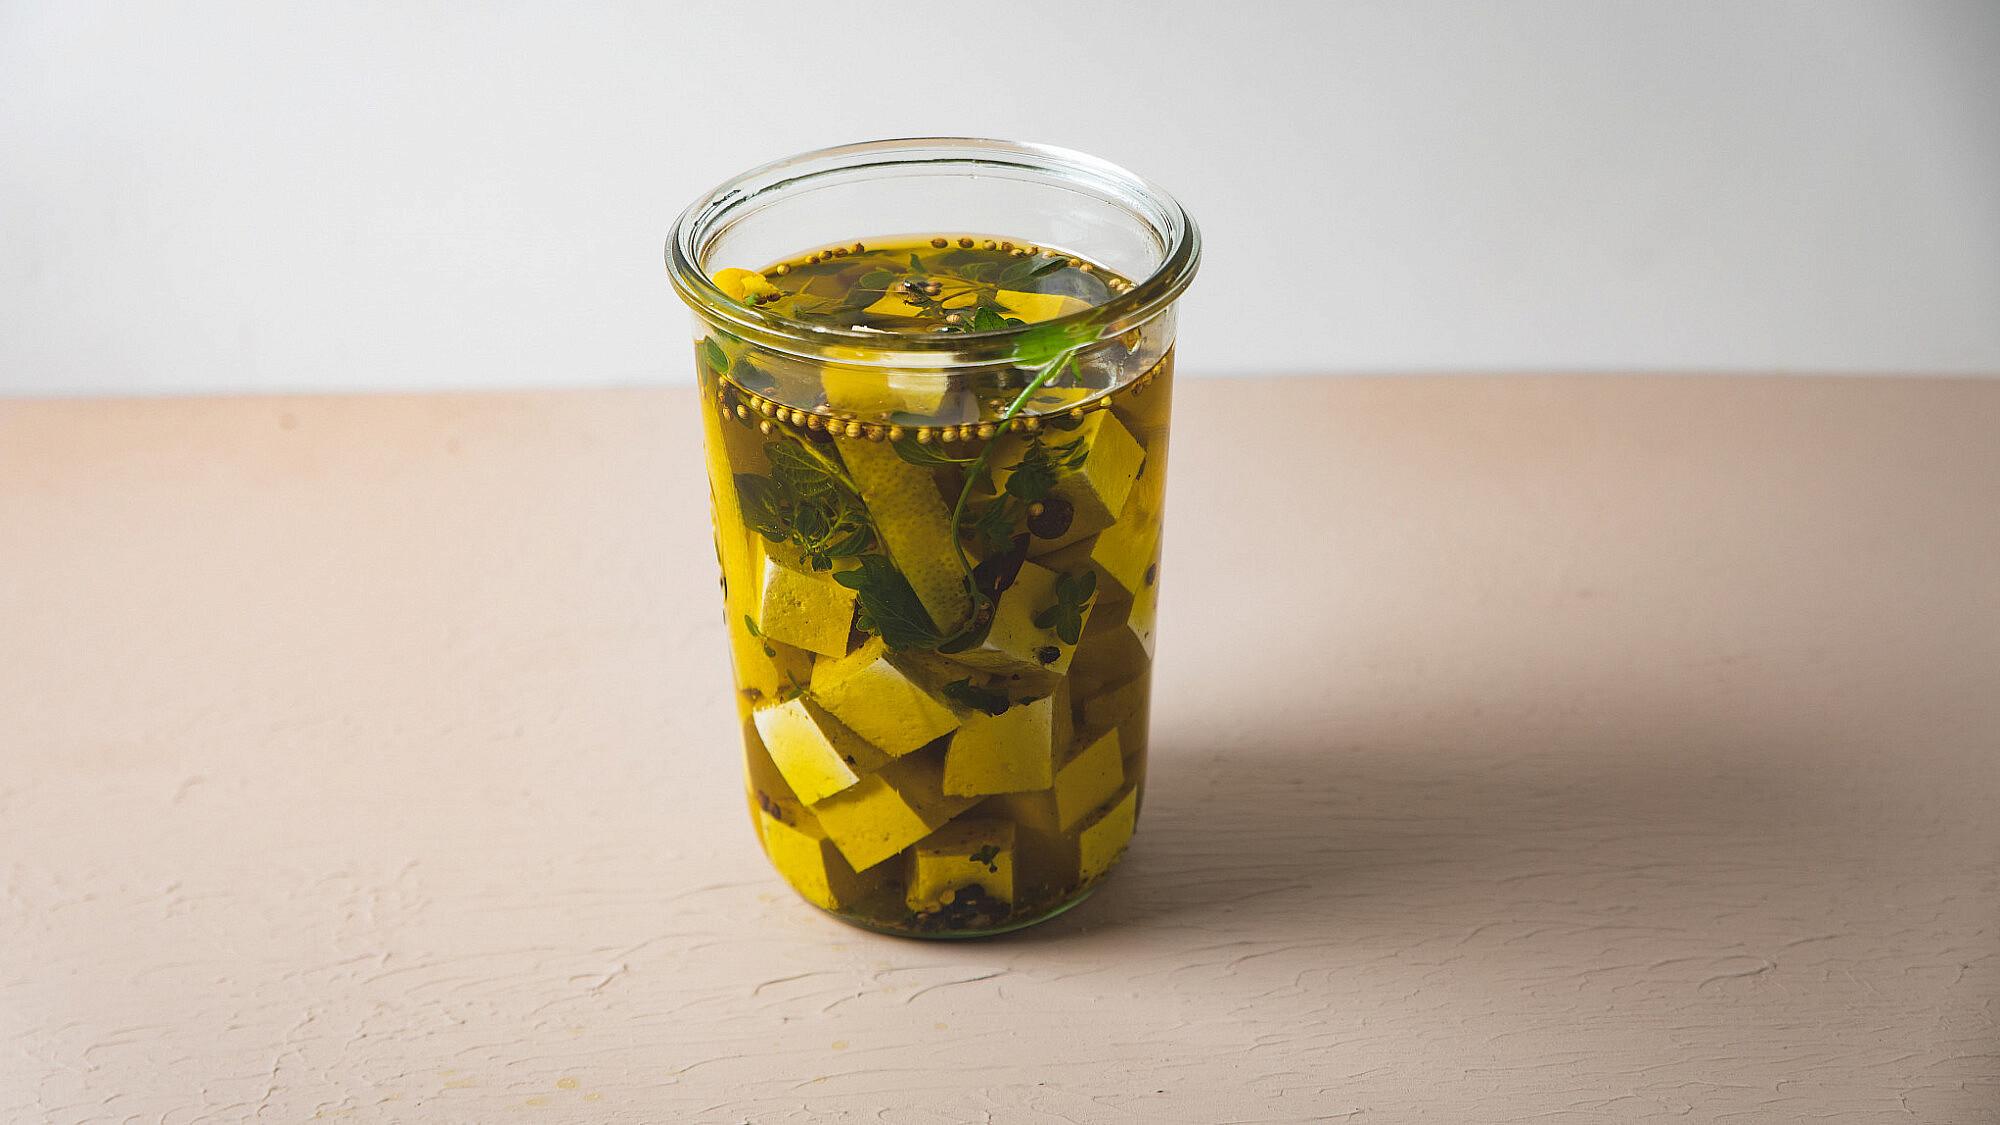 קוביות טופו במרינדת עשבים ושמן זית של רינת צדוק (צילום: שני בריל; סטיילינג: עינב רייכנר)